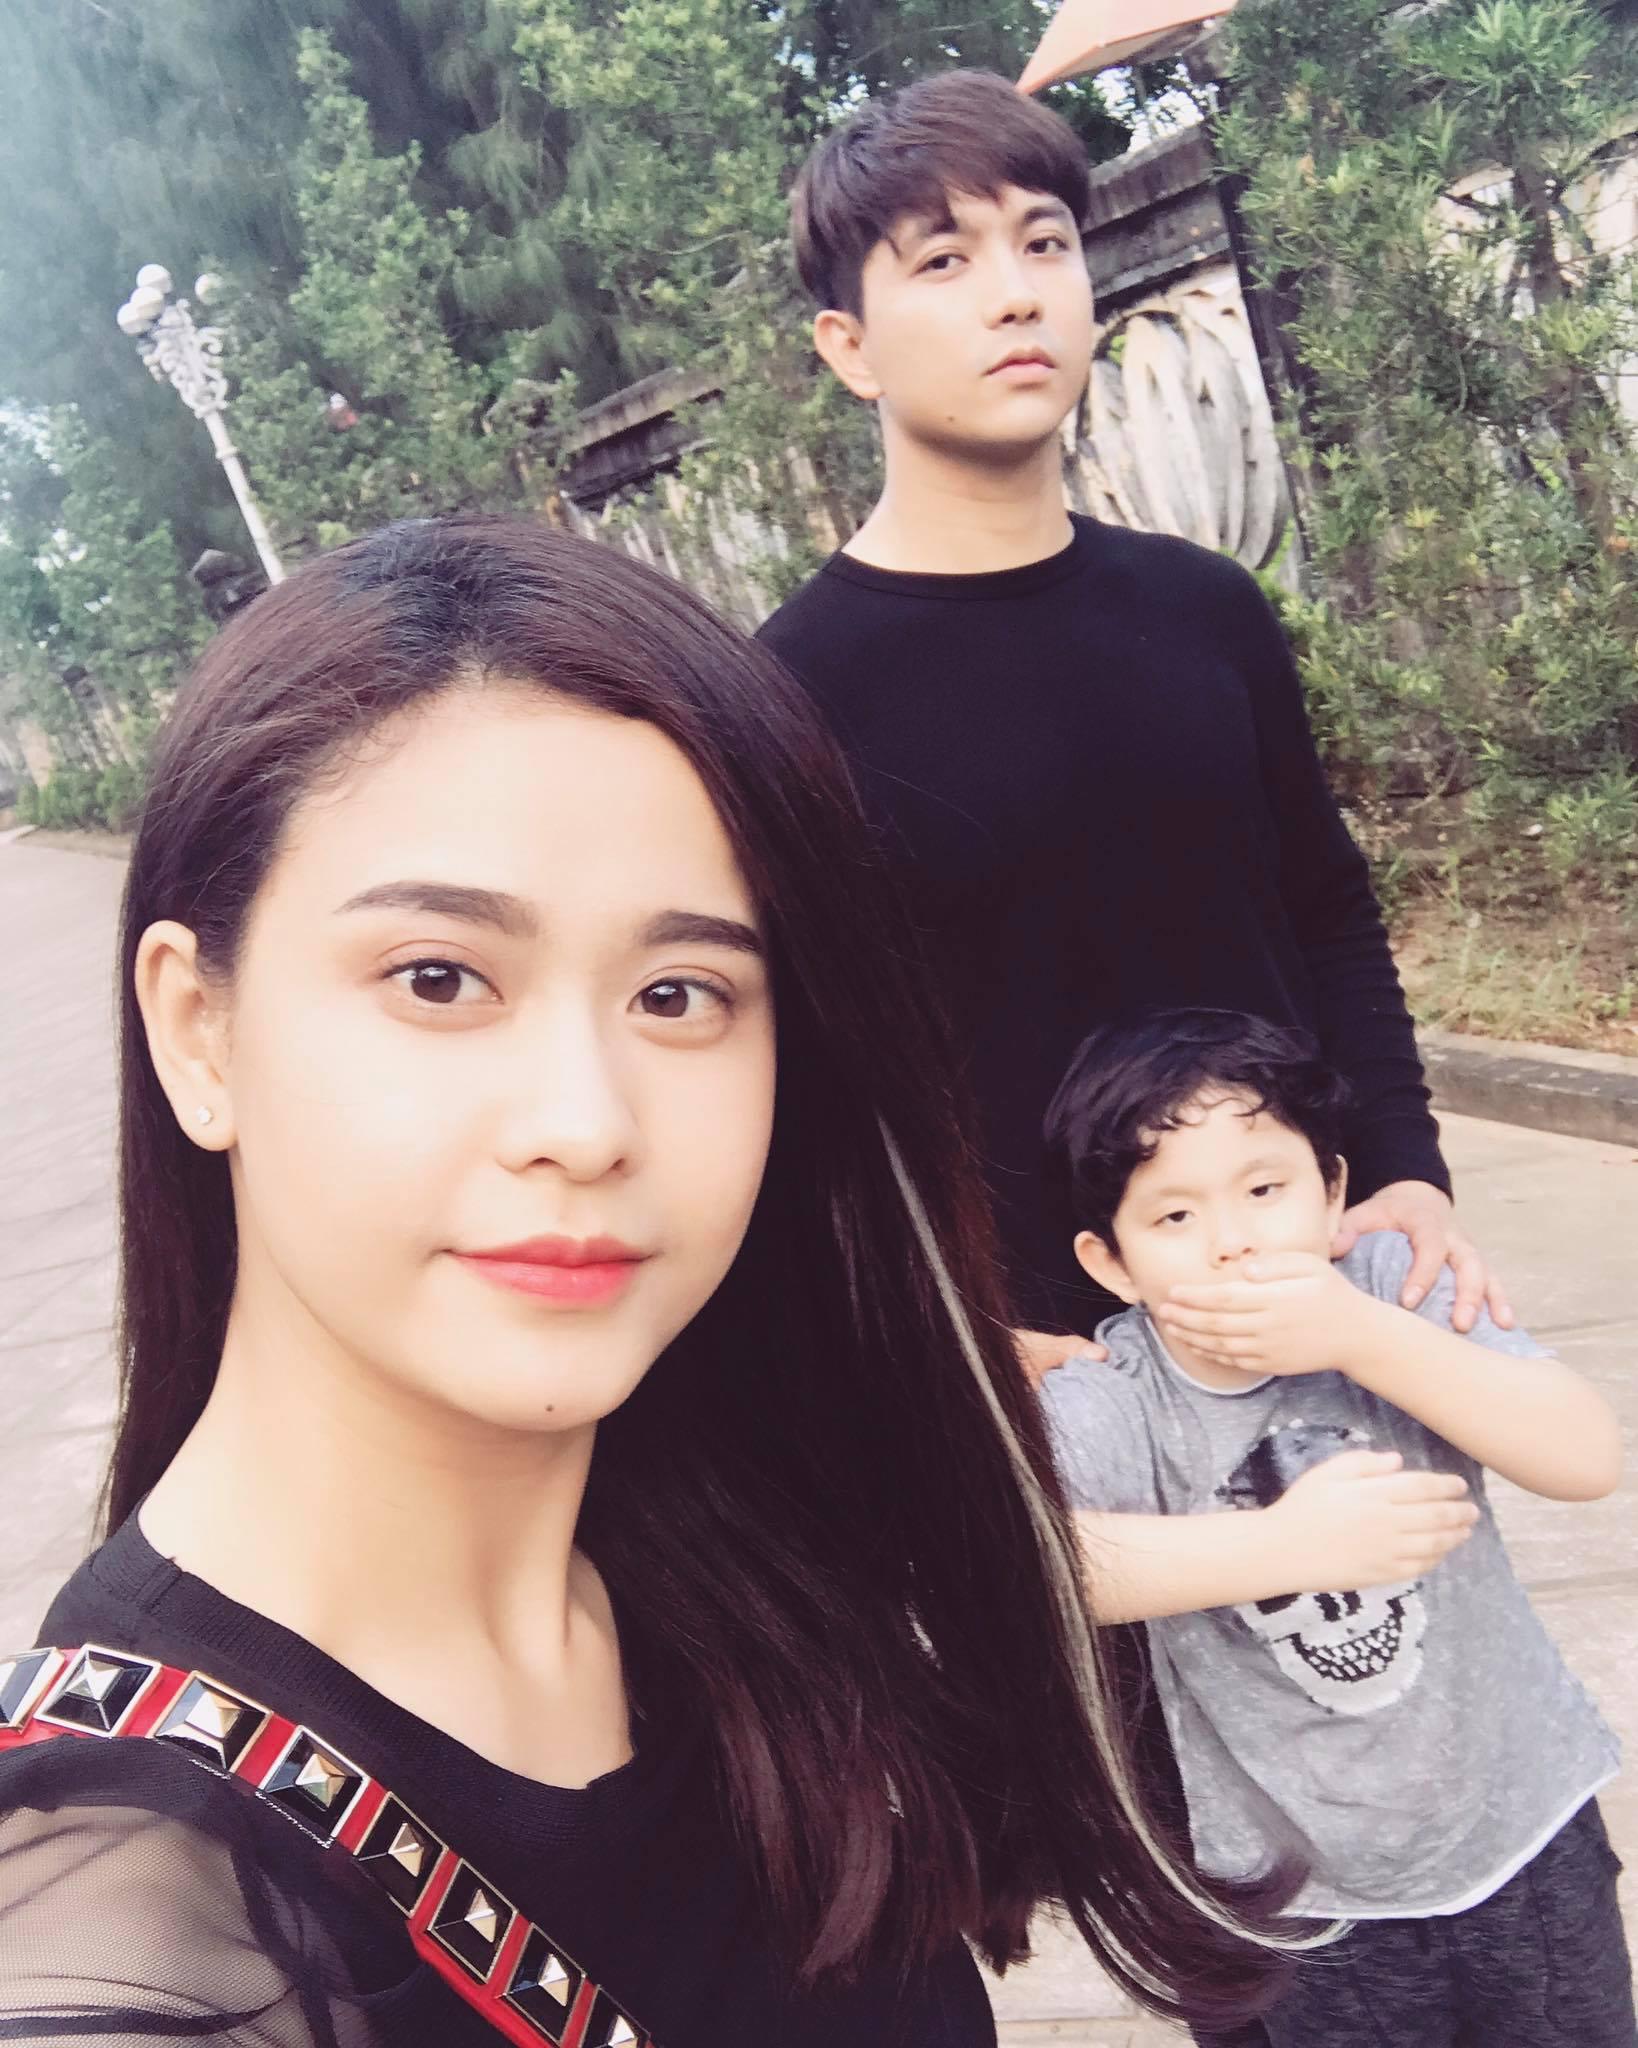 Sao Việt: Giữa lùm xùm ly hôn sau 7 năm gắn bó, Trương Quỳnh Anh bức xúc lên tiếng